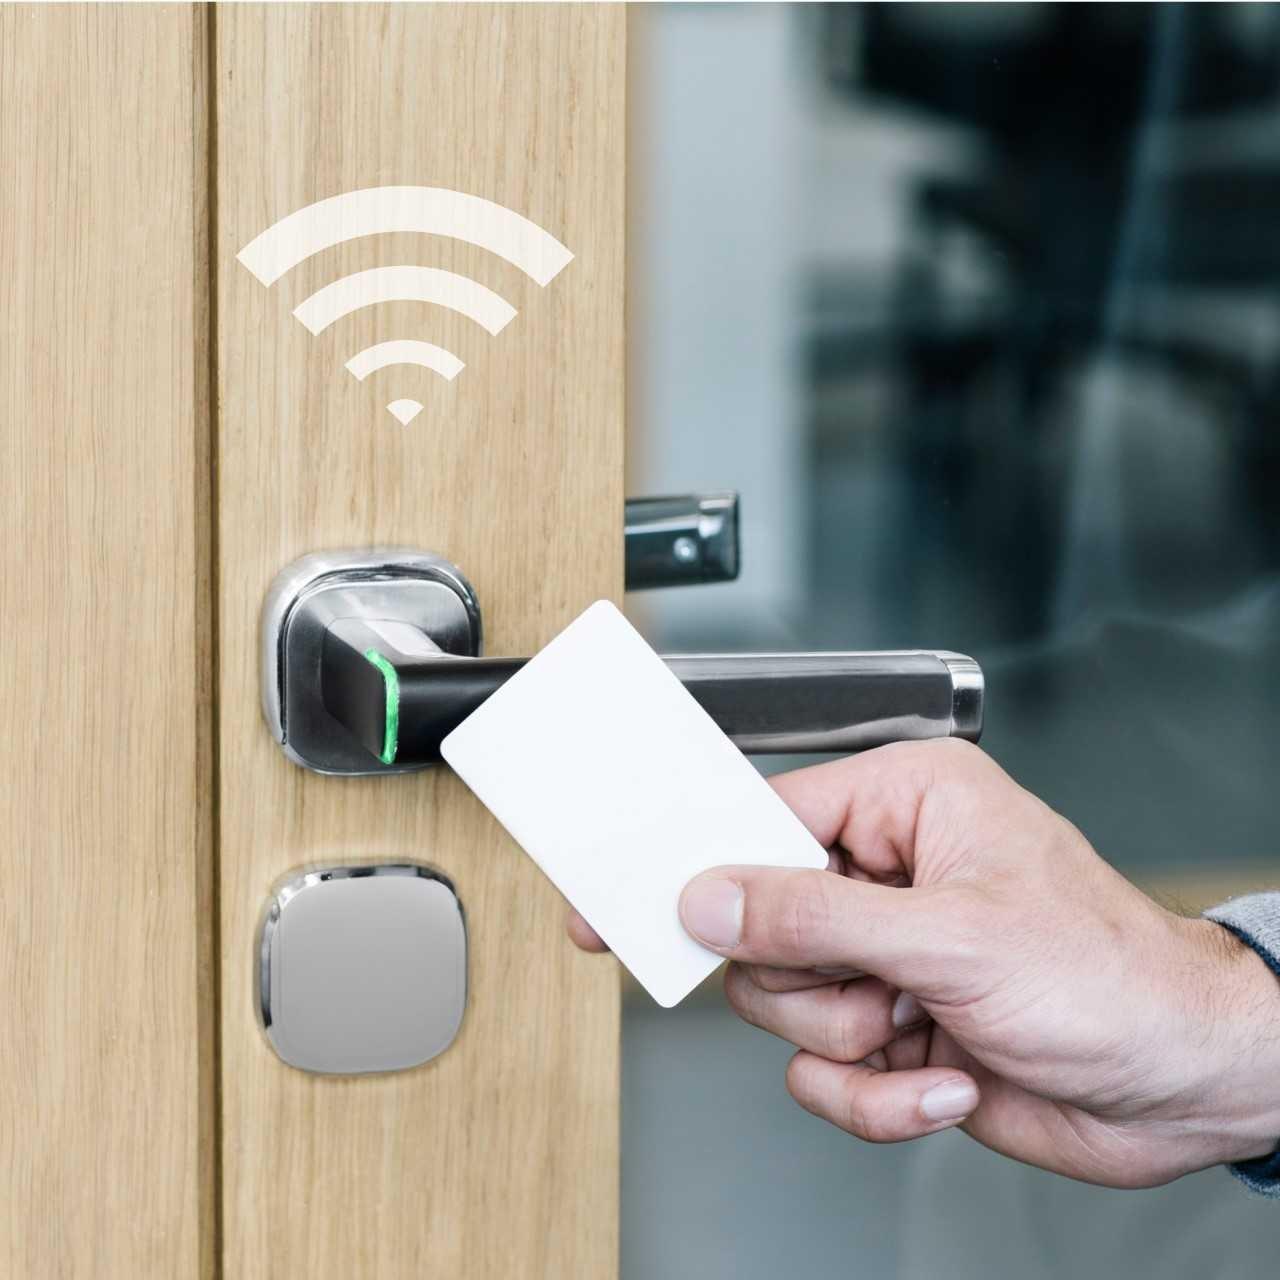 New Assa Abloy Aperio H100 Securityworldmarket Com